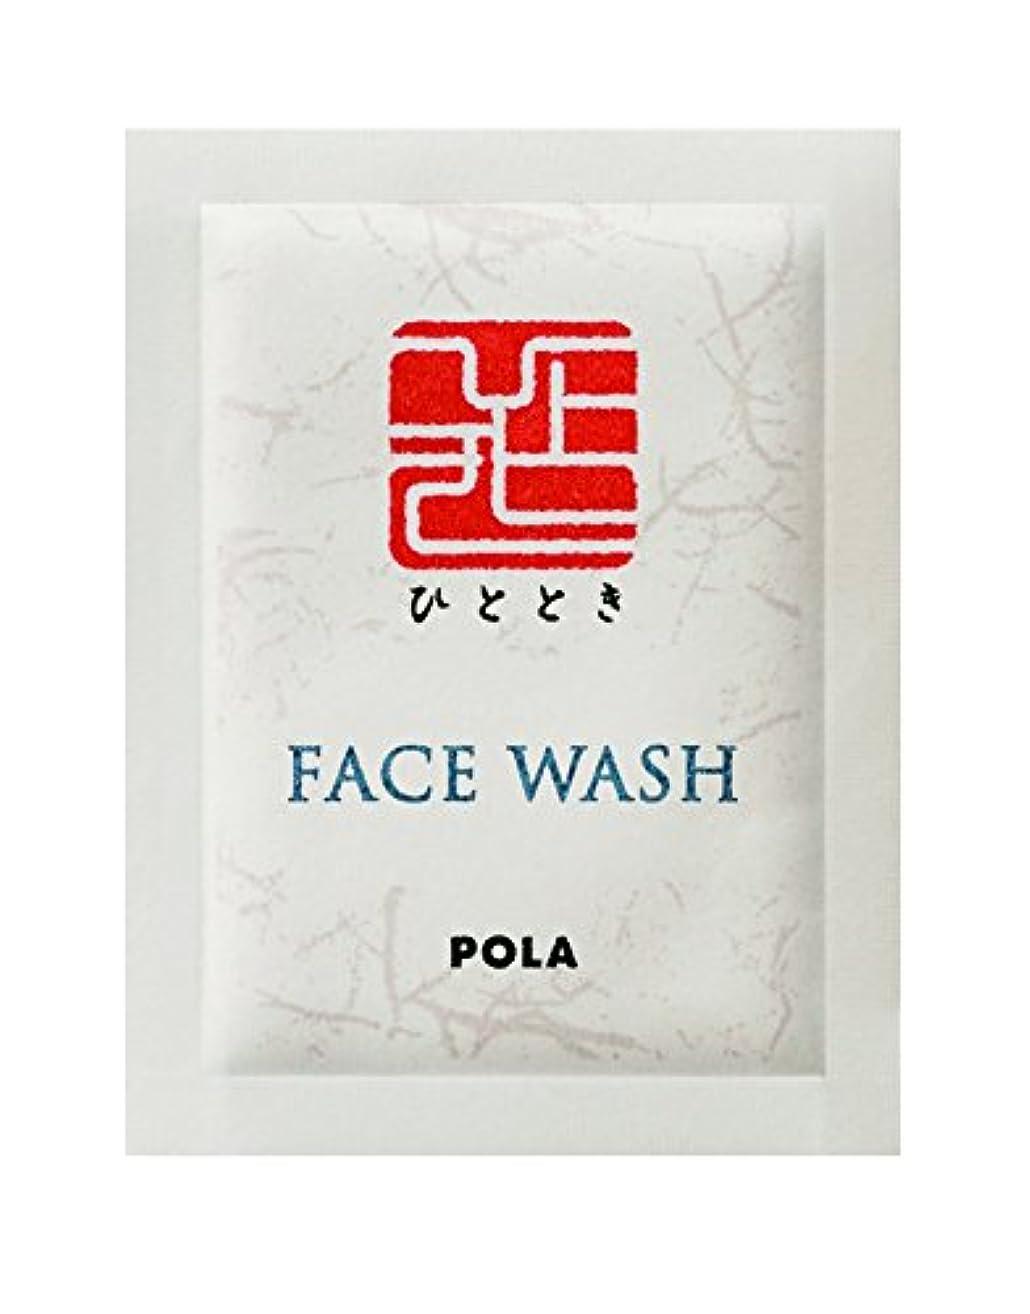 線形撤回する軸POLA ひととき フェイスウォッシュ 洗顔料 個包装タイプ 2g×100包